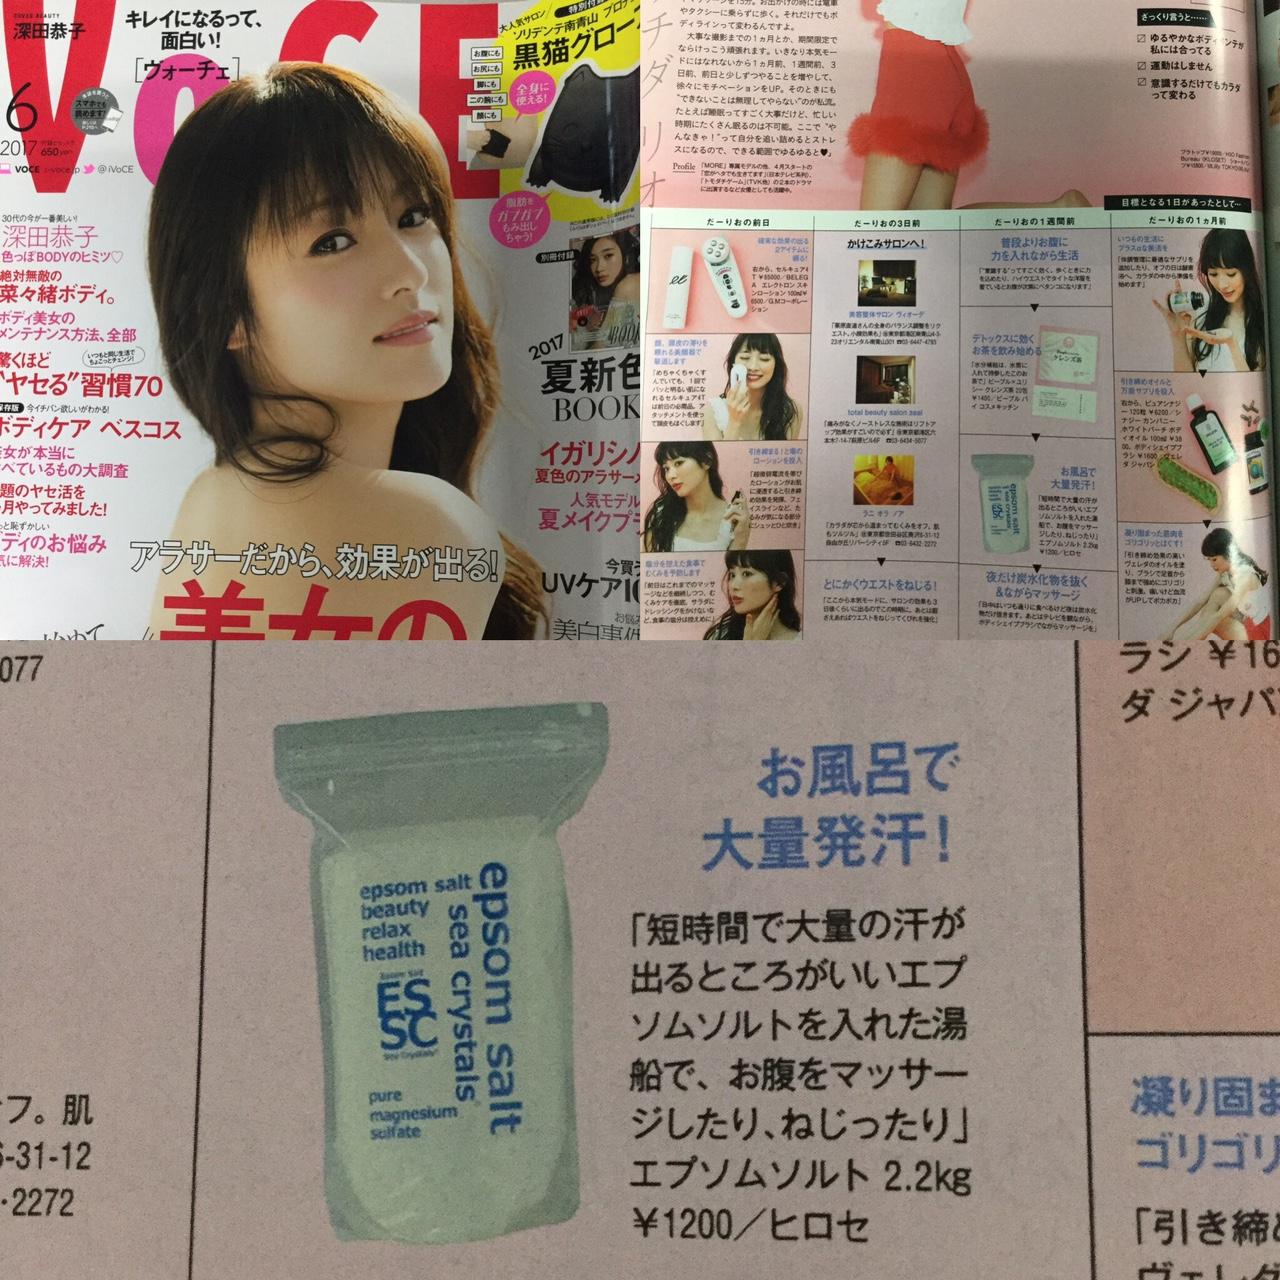 雑誌掲載!!VOCE ヴォーチェ6月号